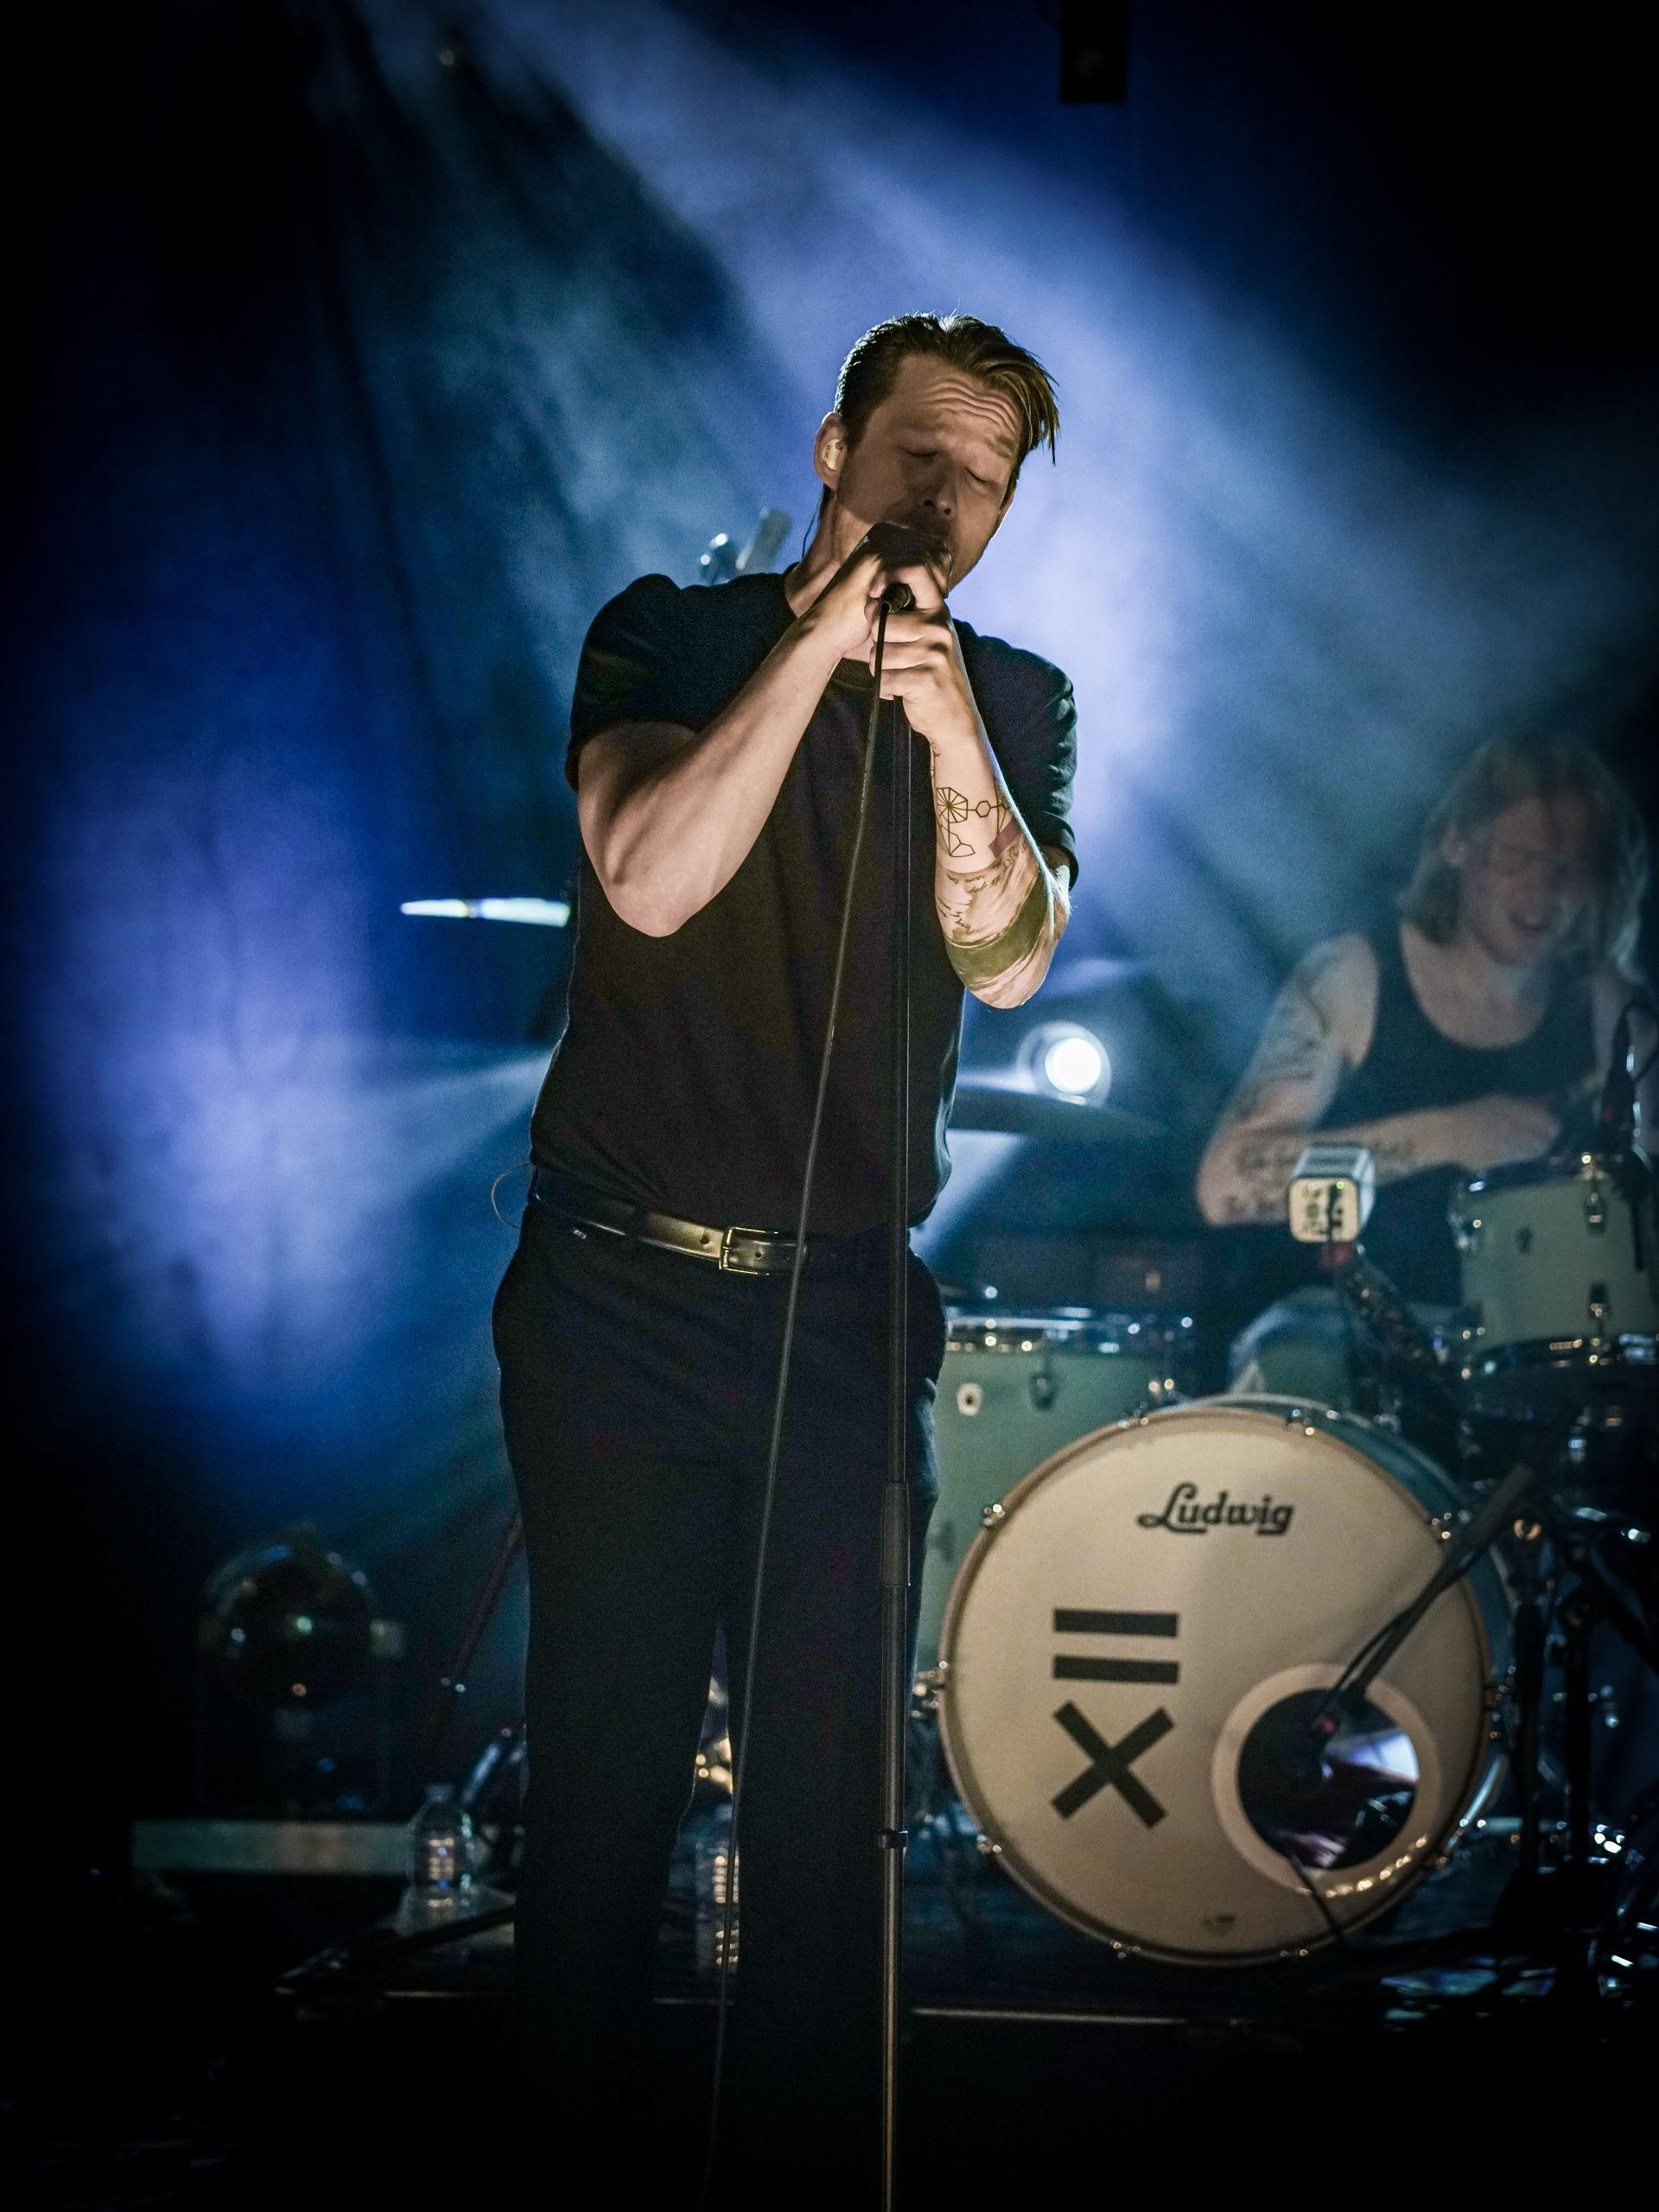 Foto's door Photo Anya van Locked & Live concert Ten Times A Million